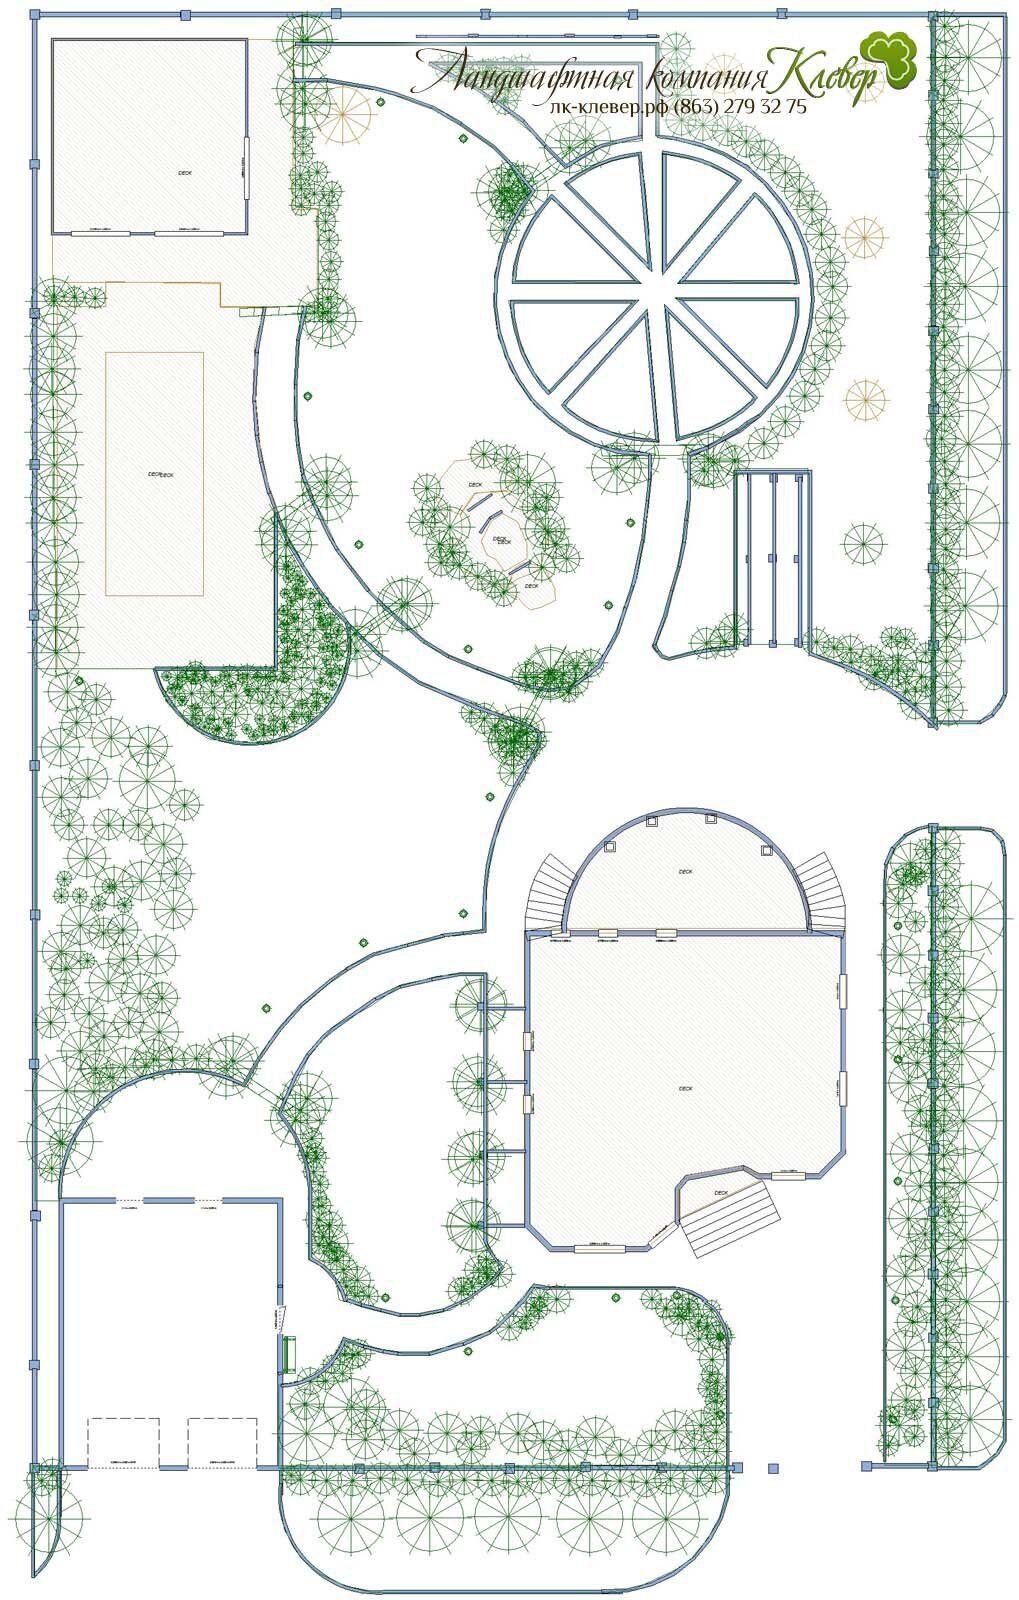 Дизайн пришкольного участка презентация